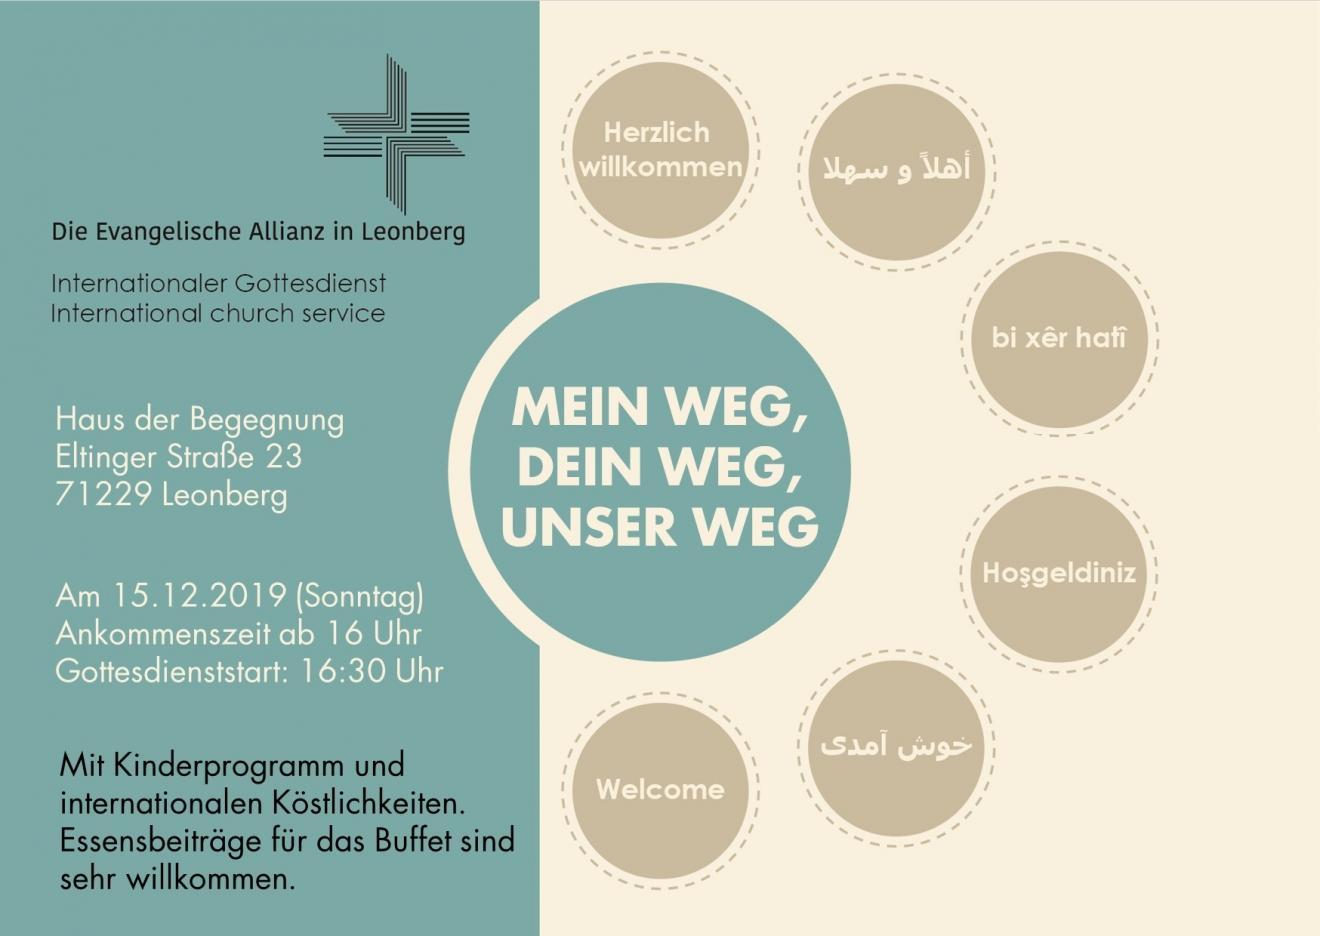 Internationaler Gottesdienst im Haus der Begegnung!